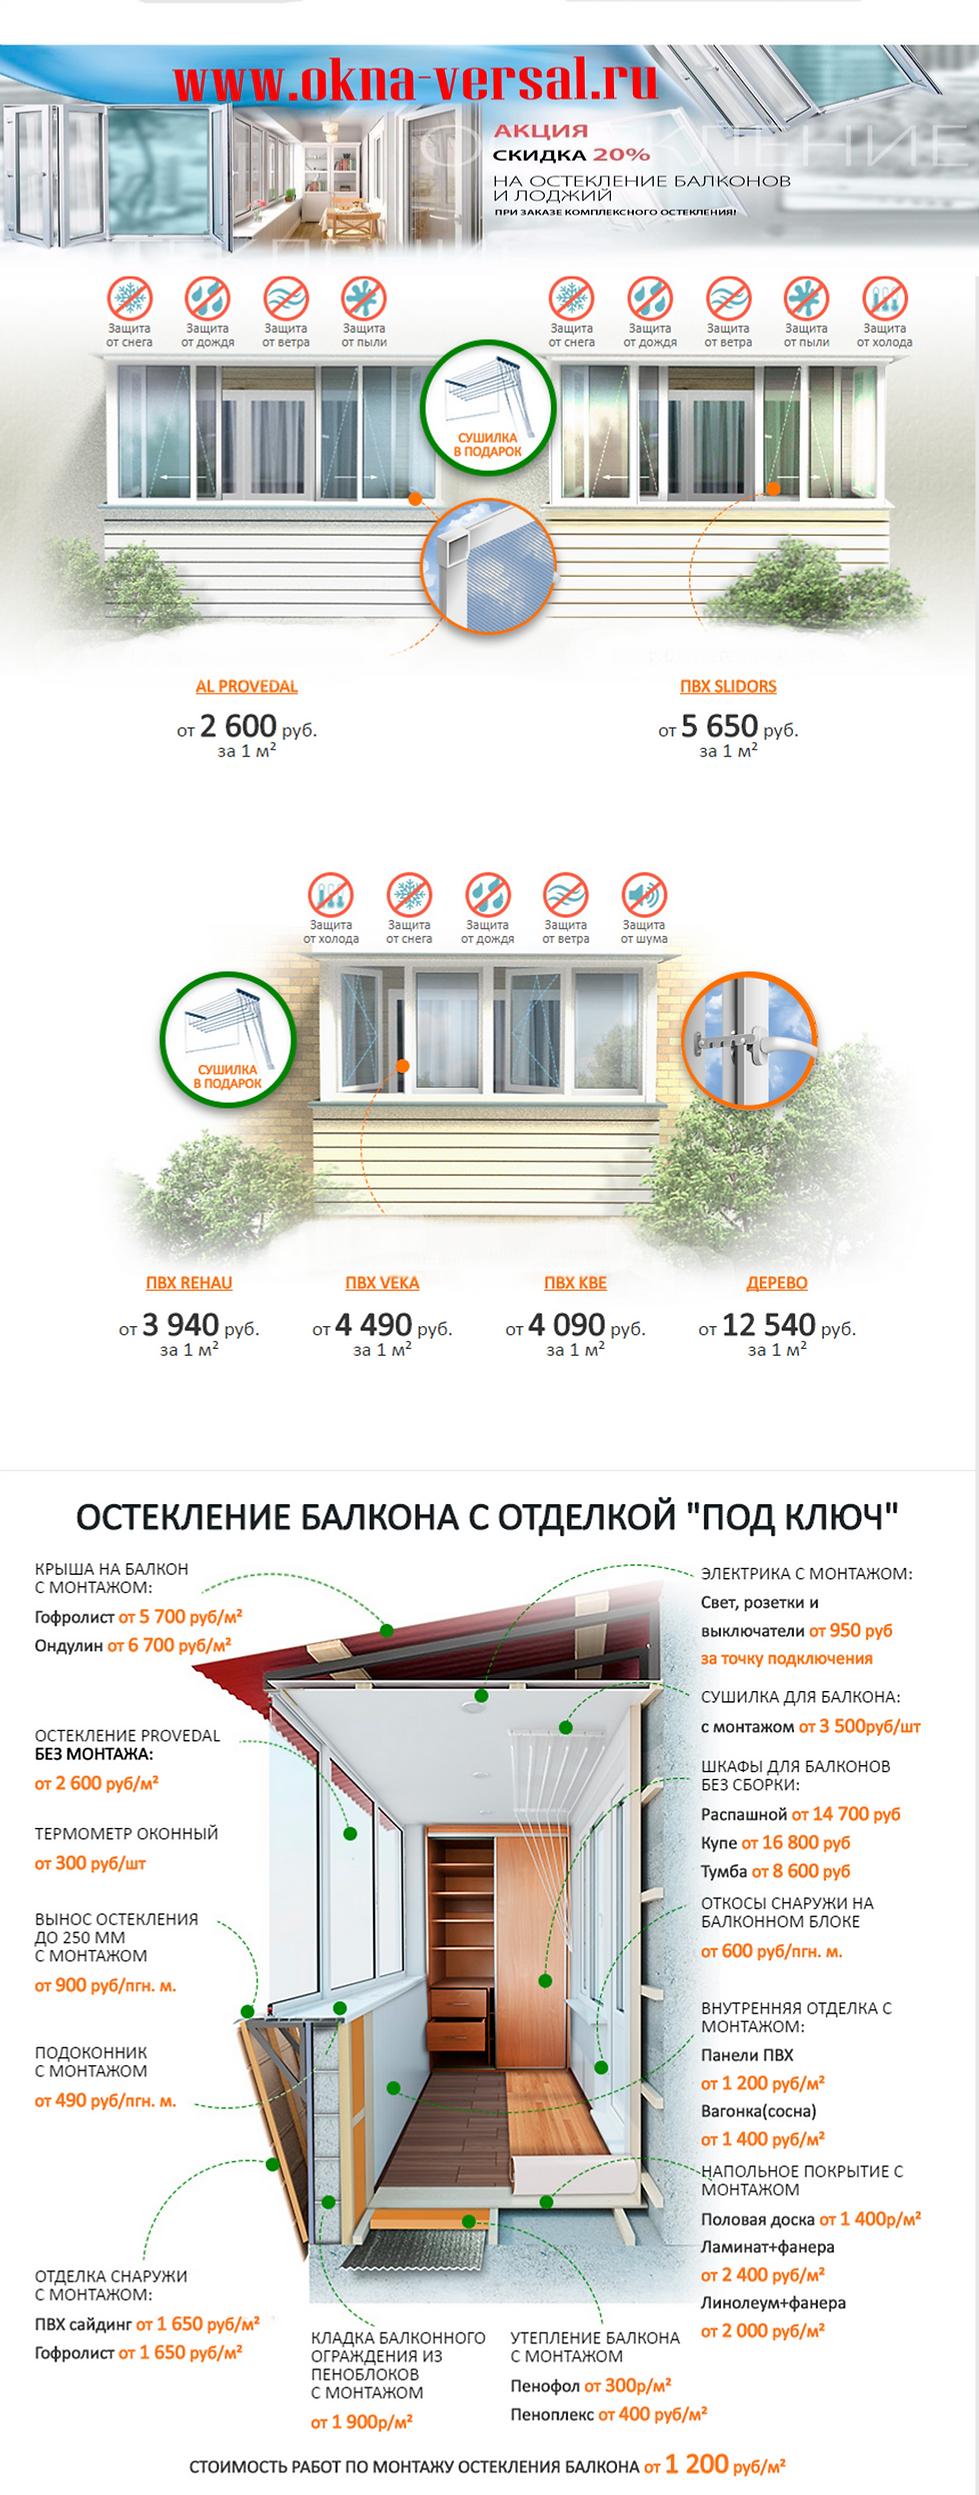 Остекления-Отделка балконов+Окна пвх